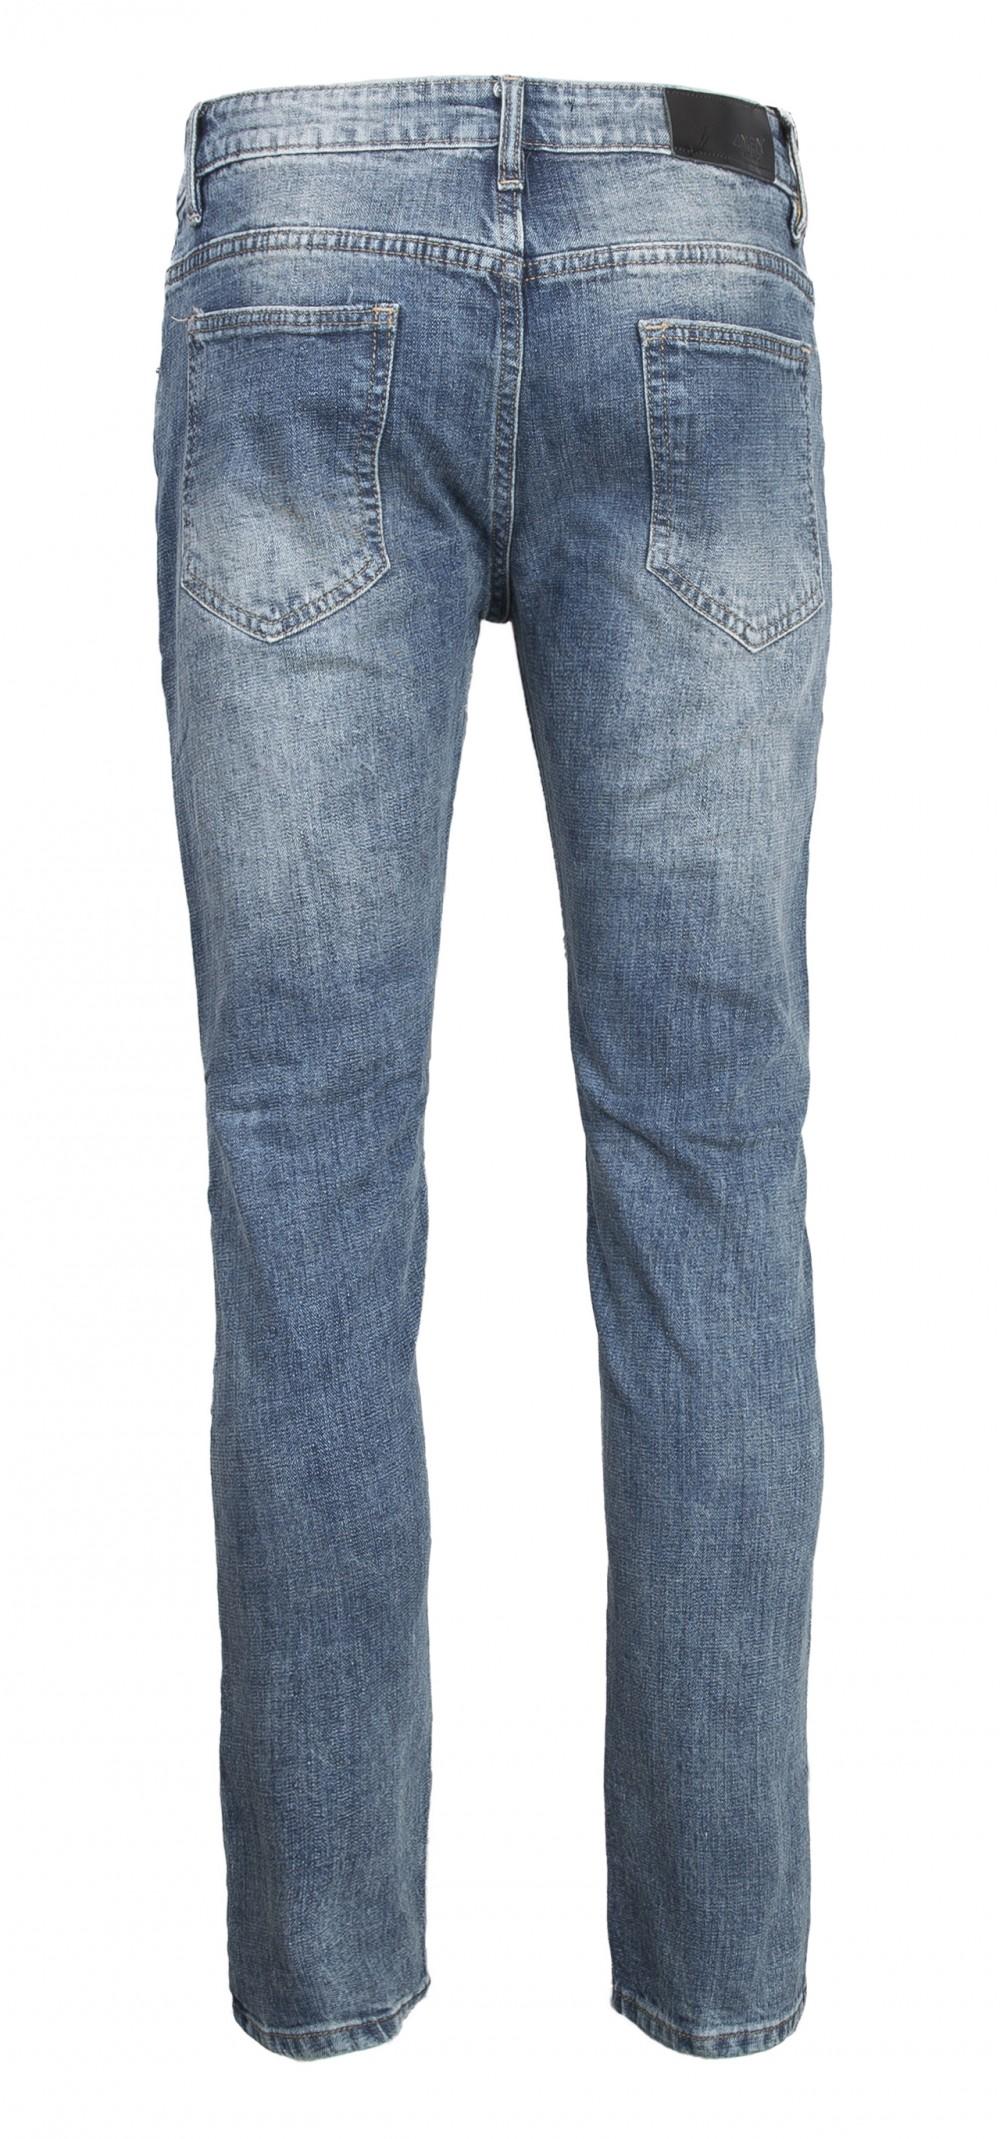 Quần jeans rách xanh rêu qj1565 - 3